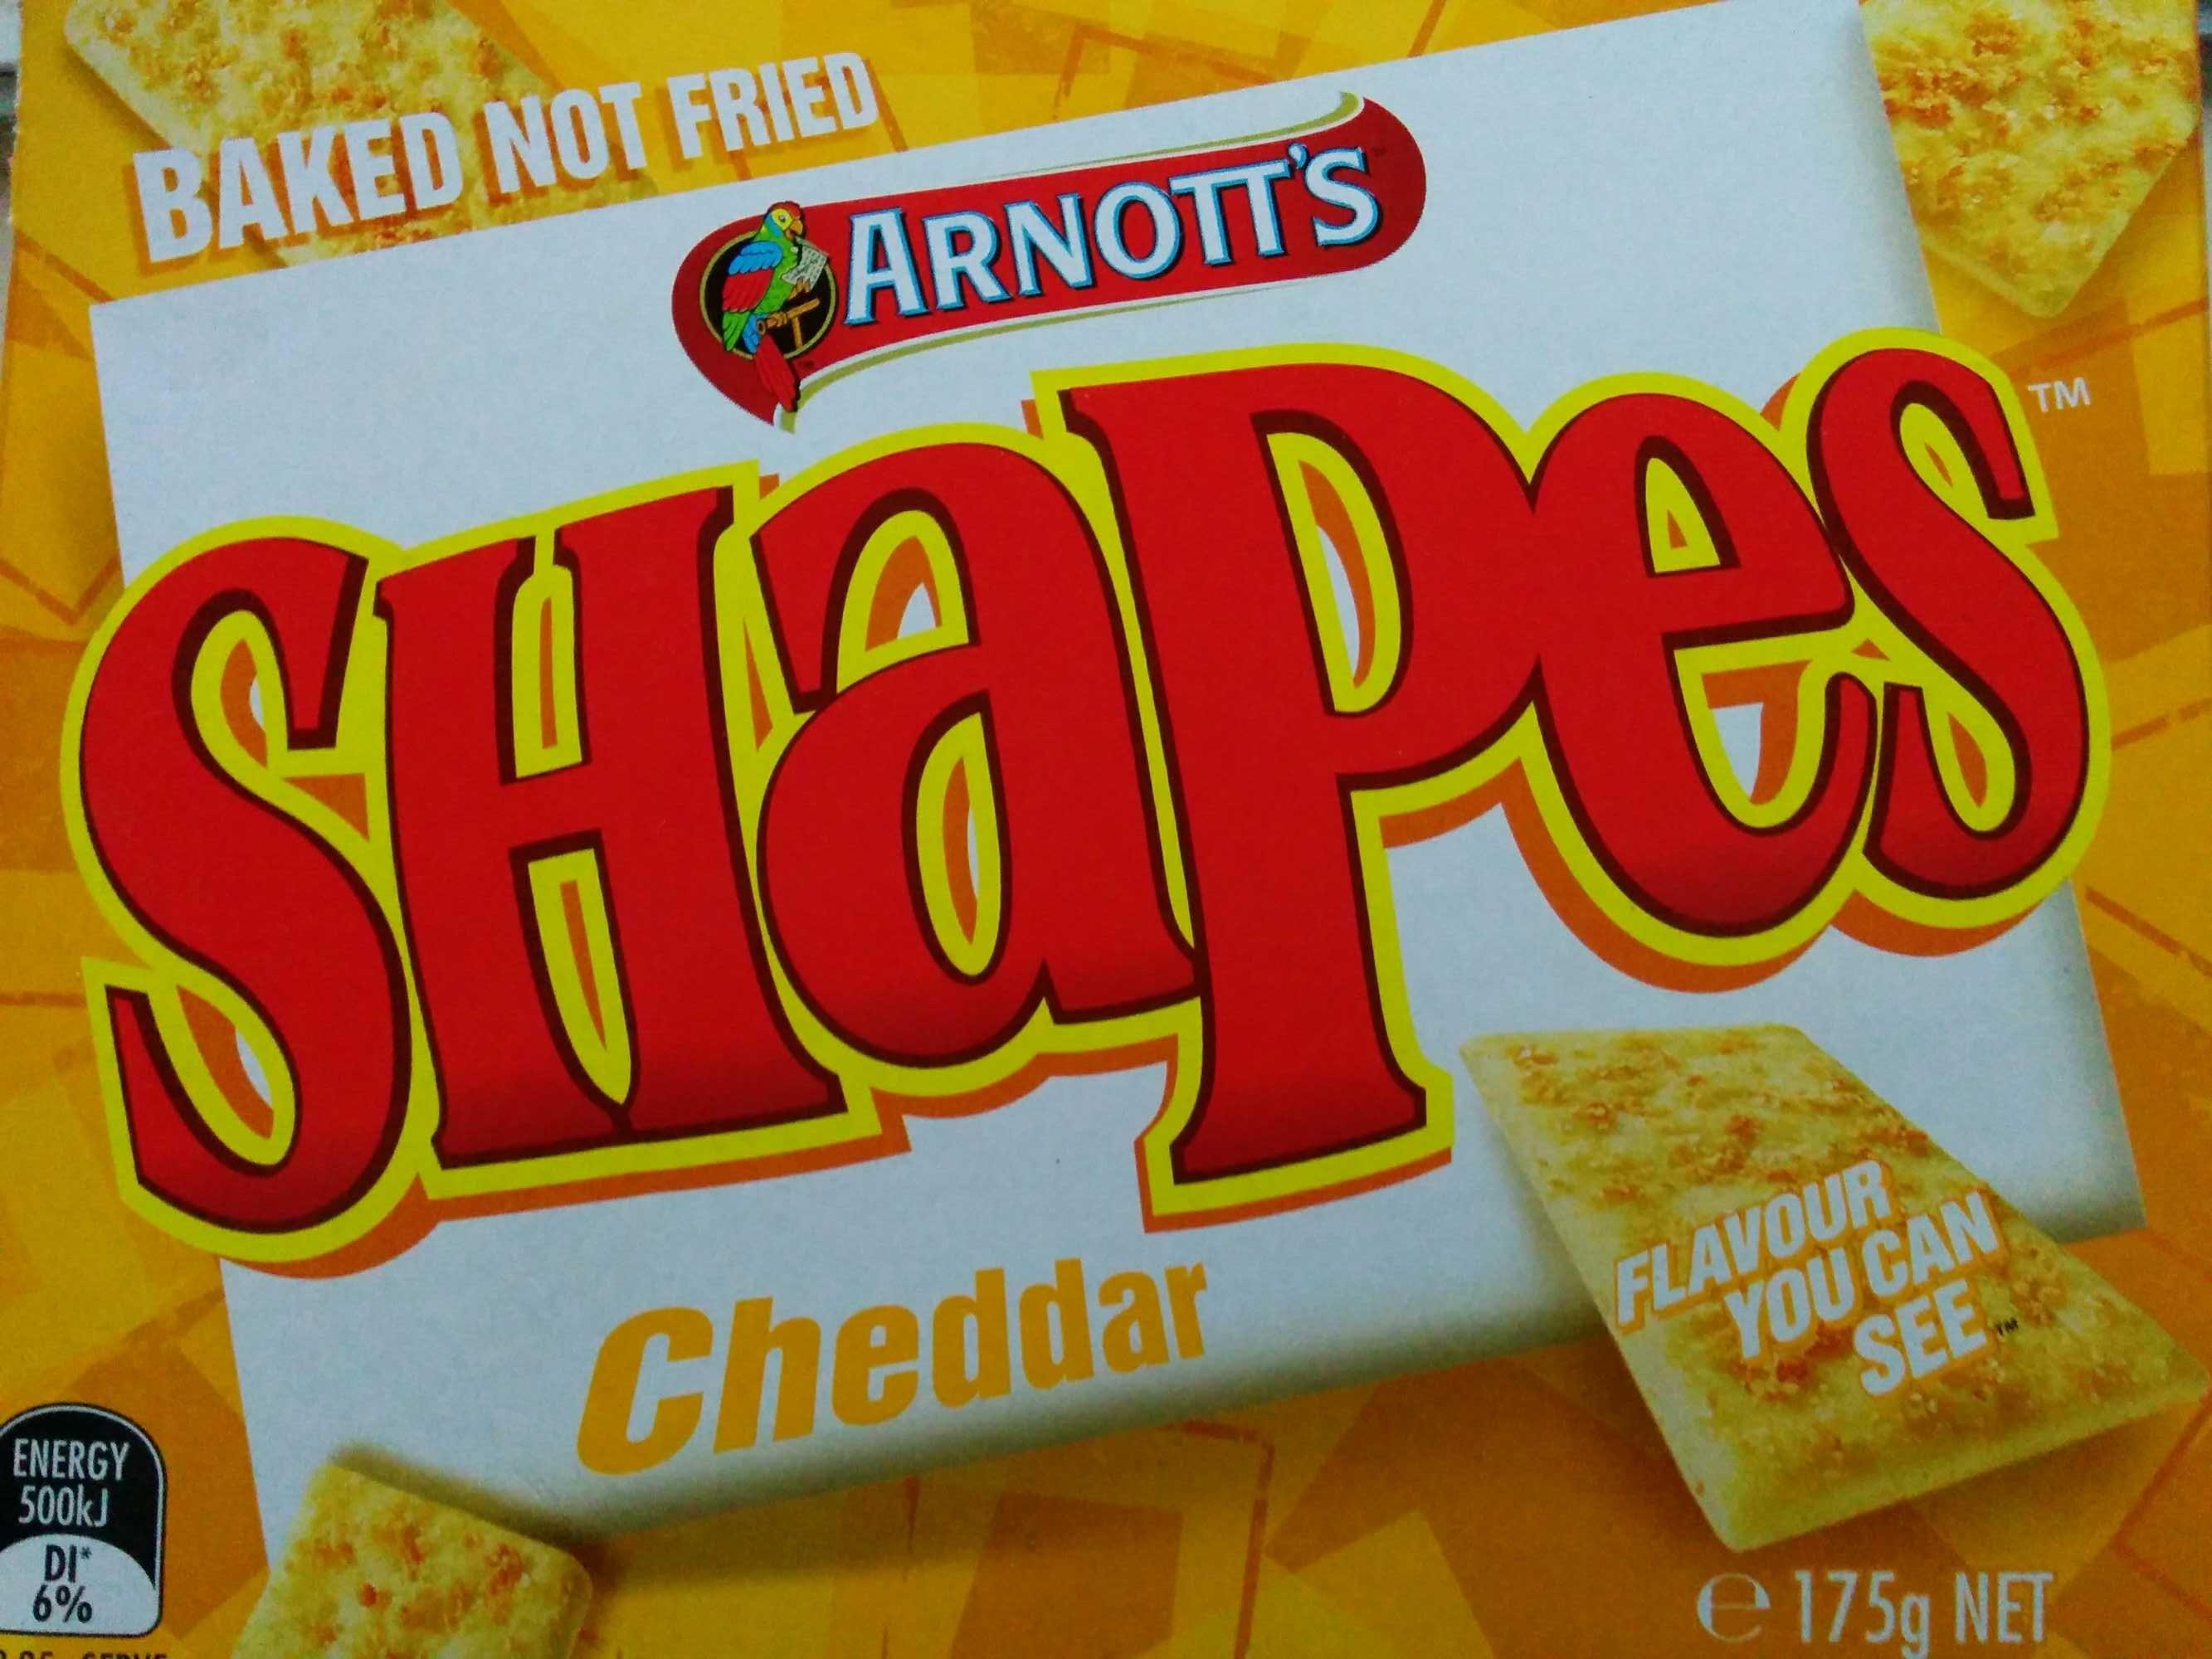 Shapes - Product - en